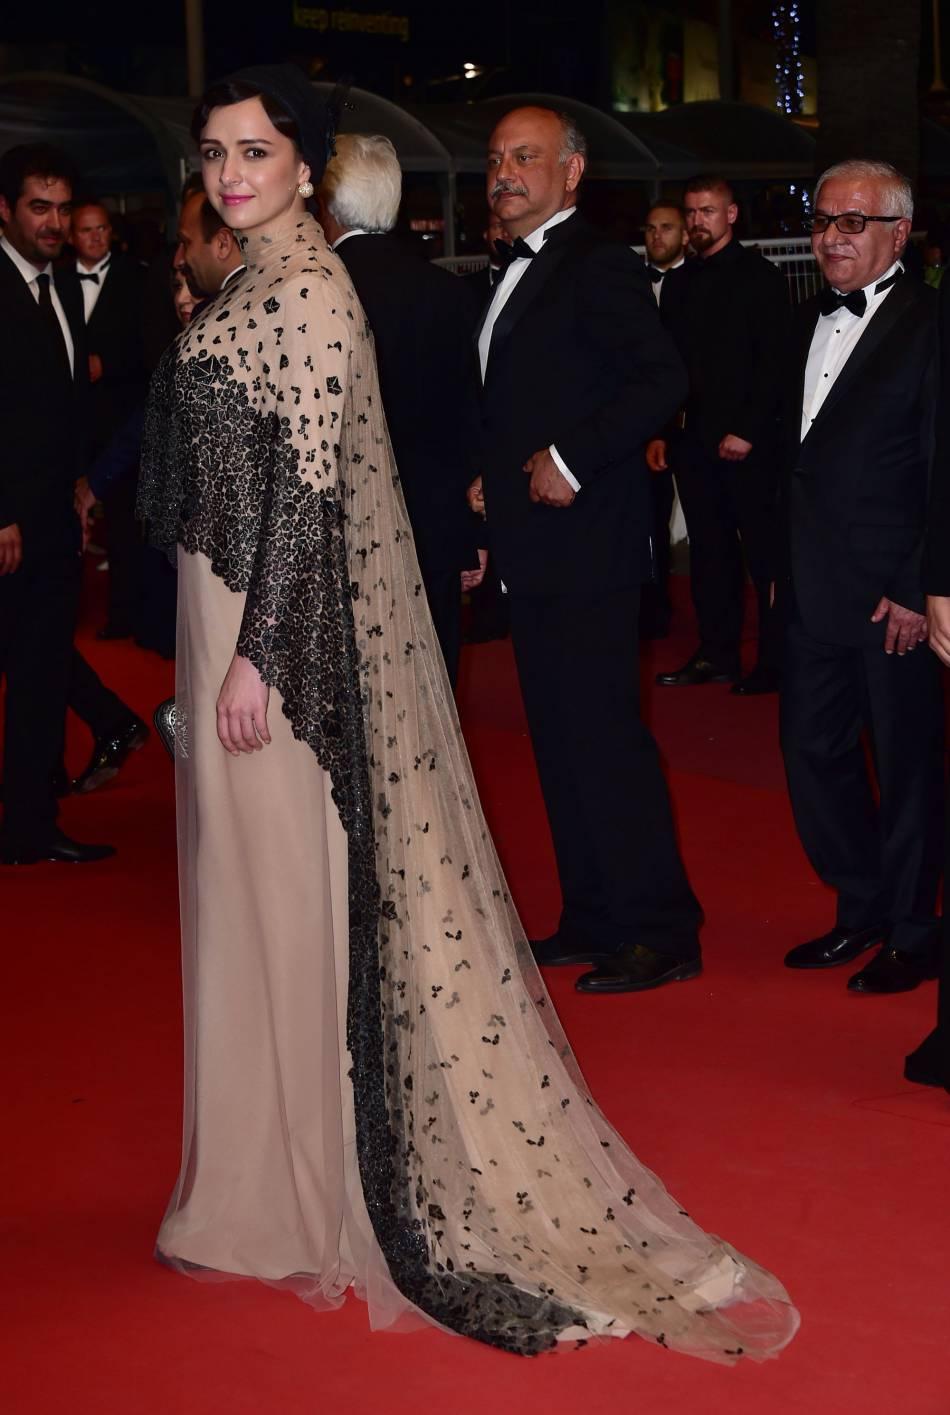 La robe est dotée d'une délicate traîne.